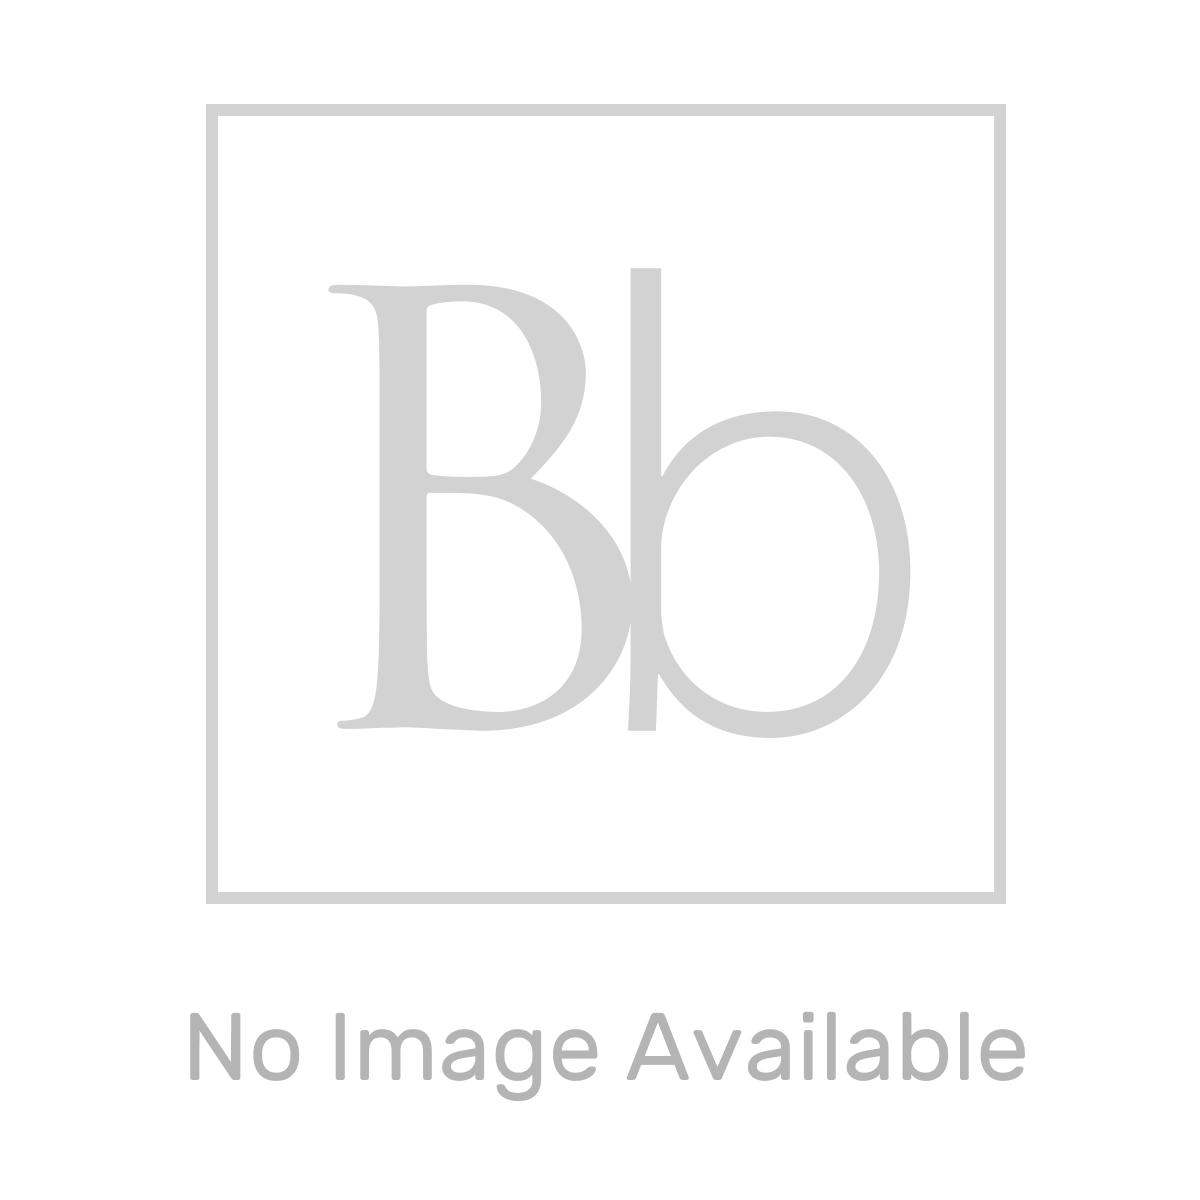 Nuie Cloakroom Vanity Unit 450mm Dimensions